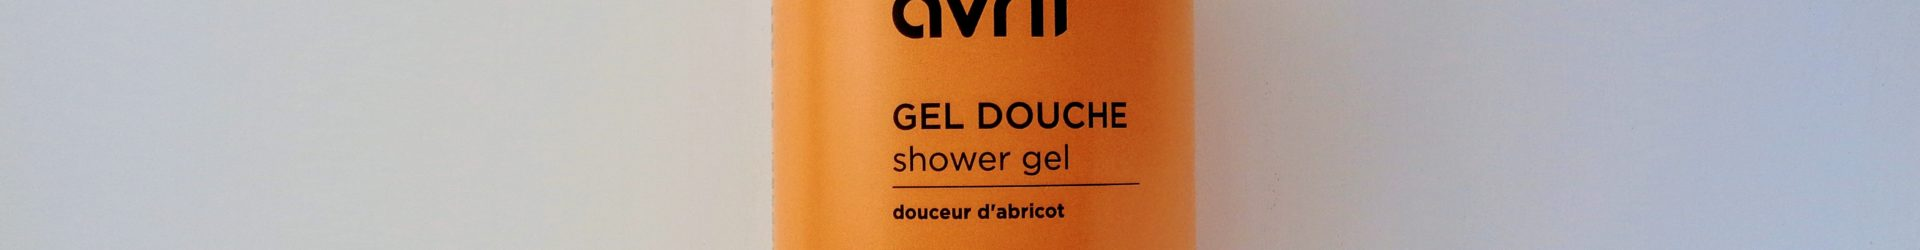 Avril – Gel douche bio (Coeur d'abricot) (500ml)